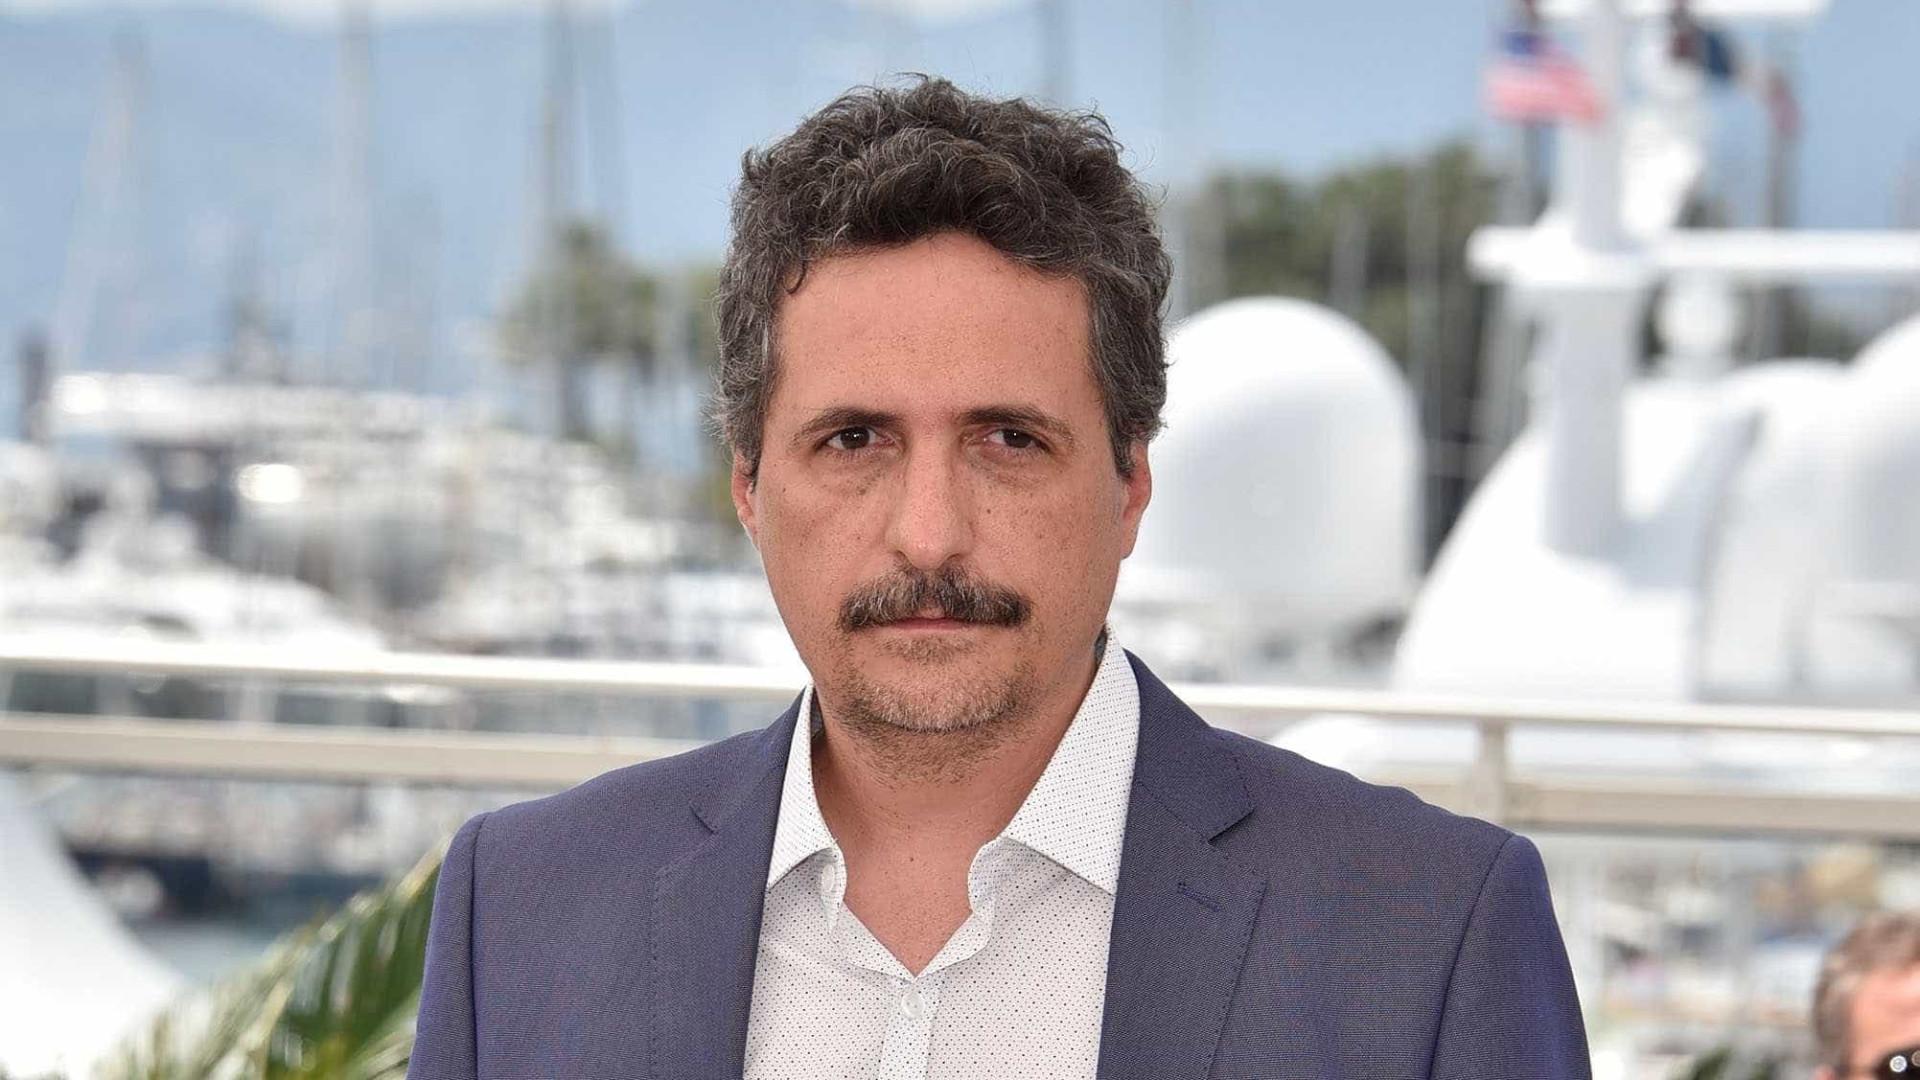 Advogado de Kleber Mendonça Filho responde às acusações do MinC